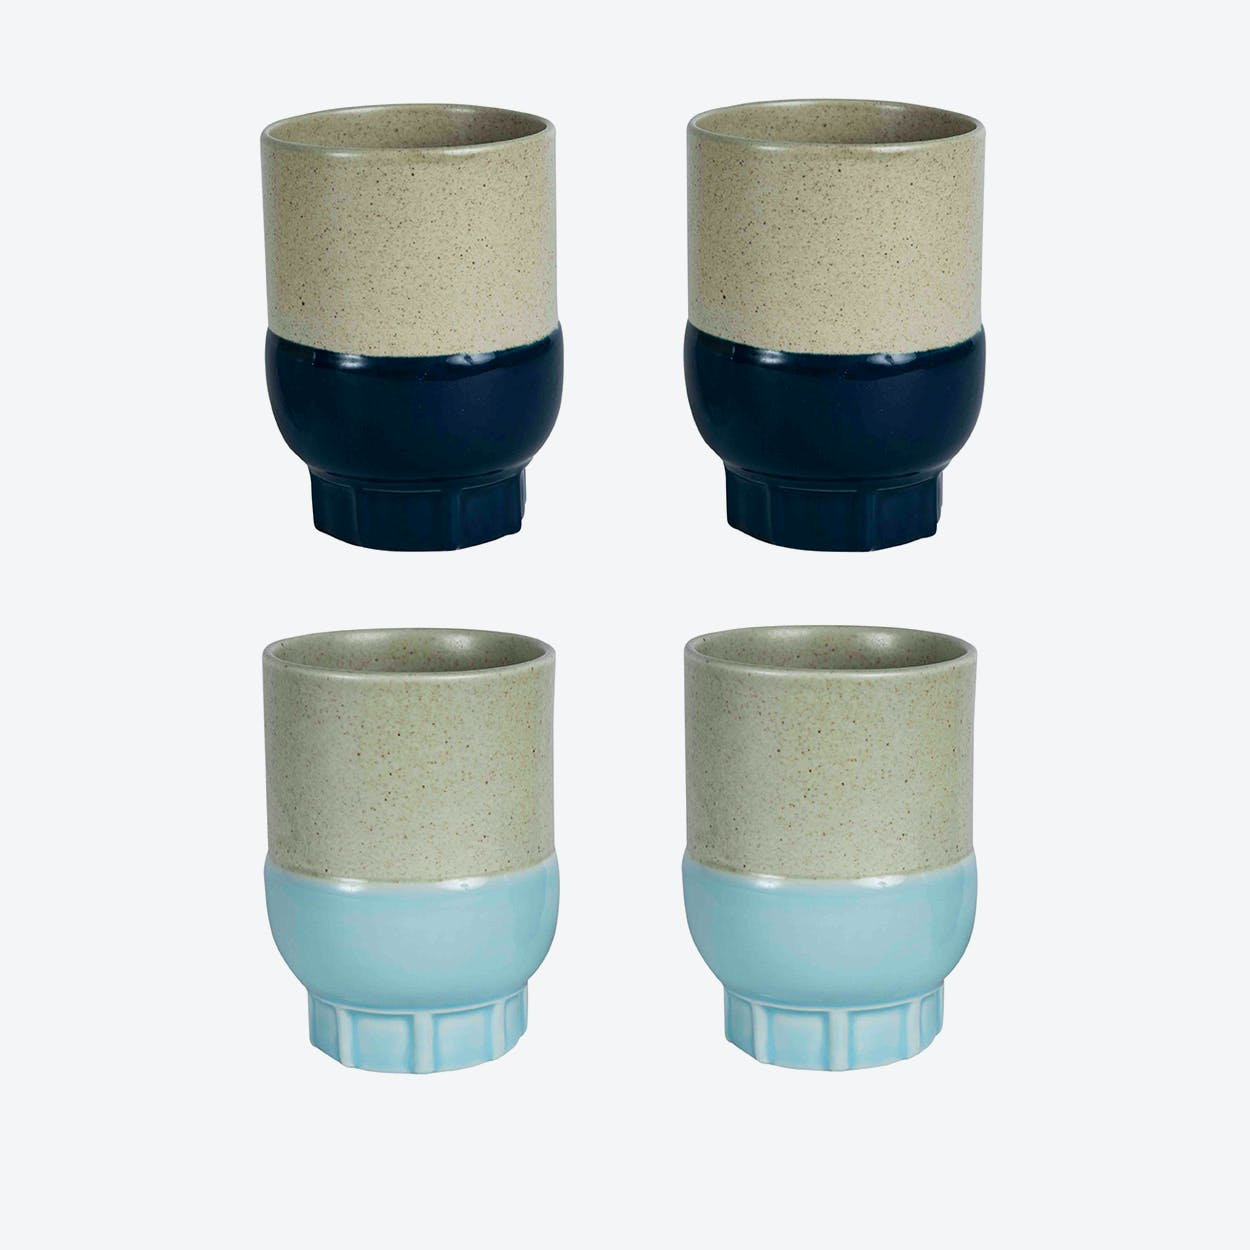 Two Colour Cups - Light Blue & Dark Blue (set of 4 pcs)